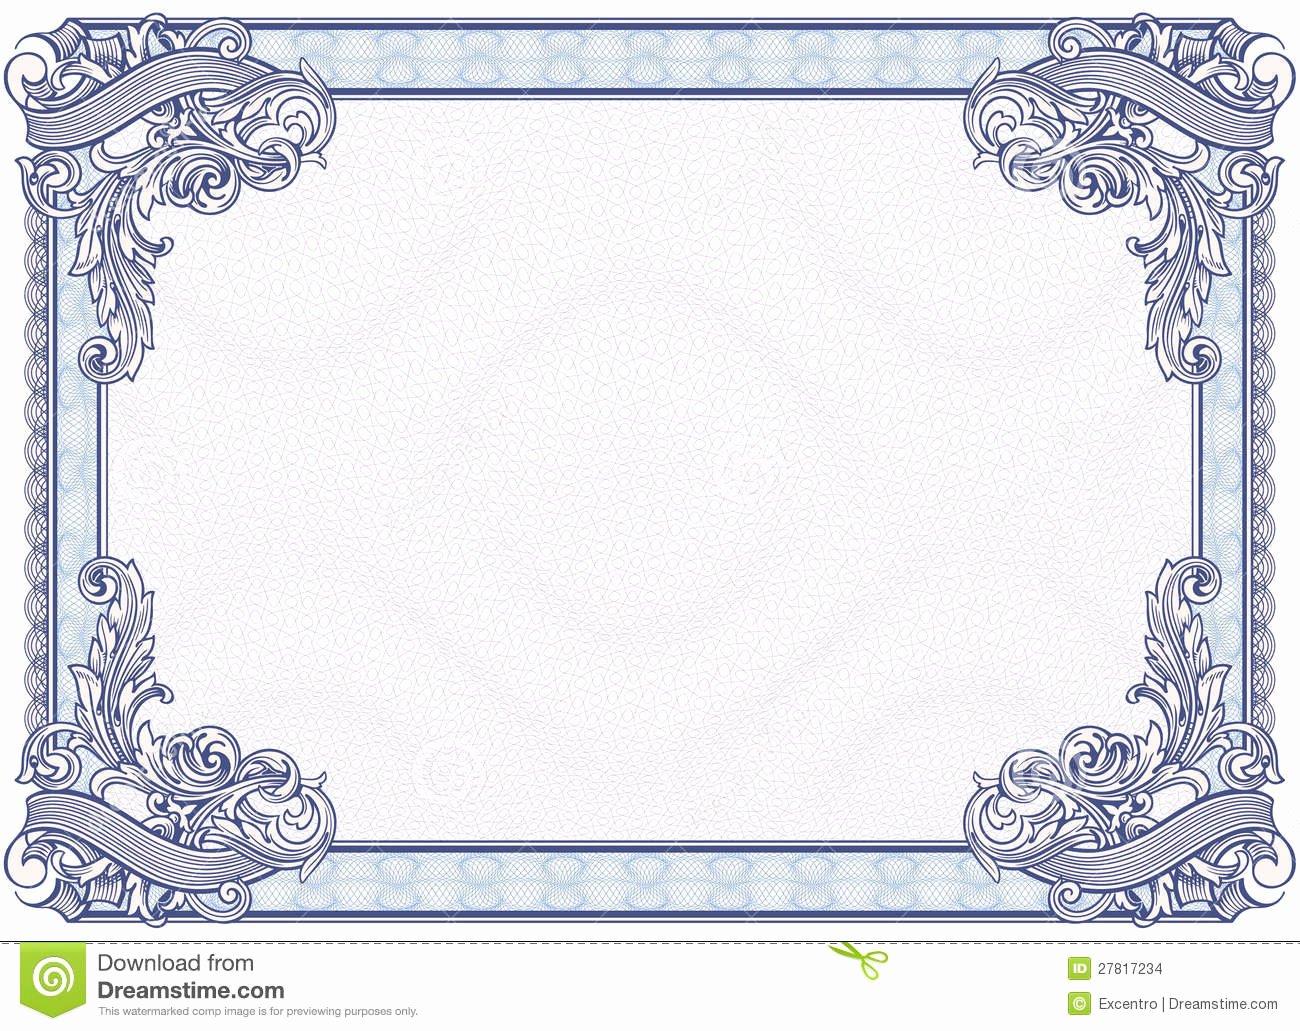 10 Best Of Blank Graduation Certificate Blank